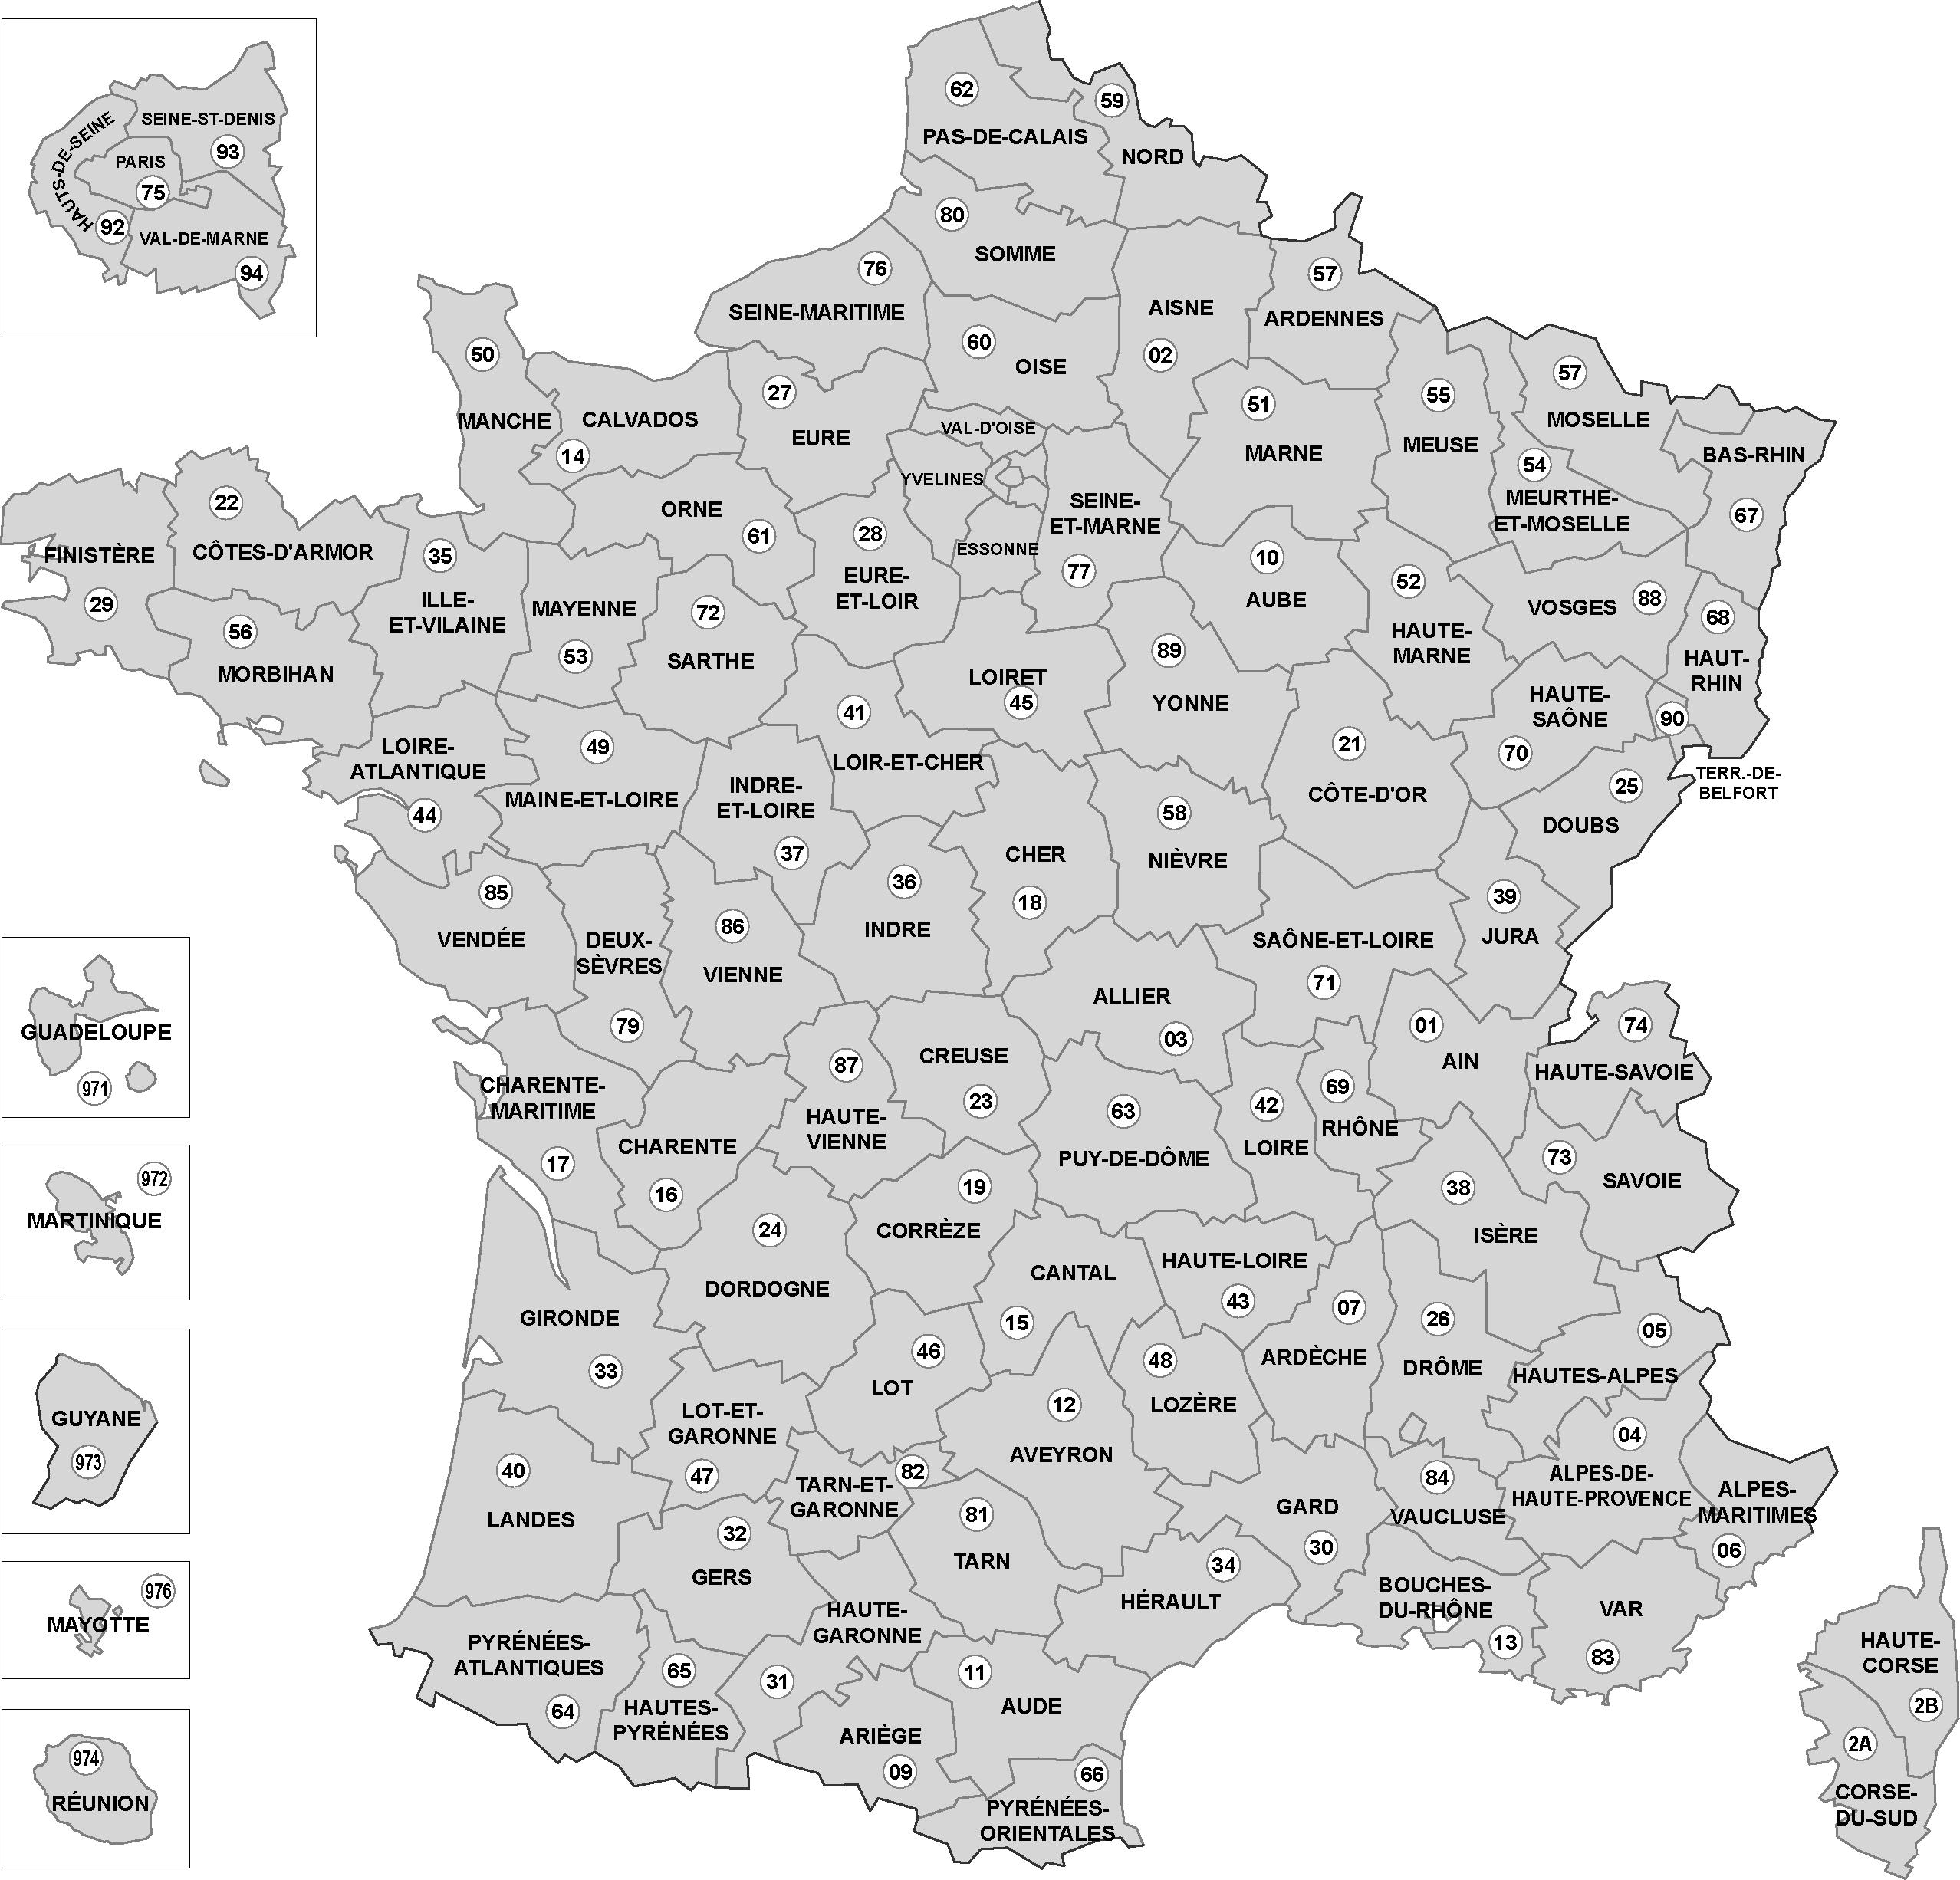 Cartes De France, Cartes Et Rmations Des Régions concernant Carte Des Départements Et Villes